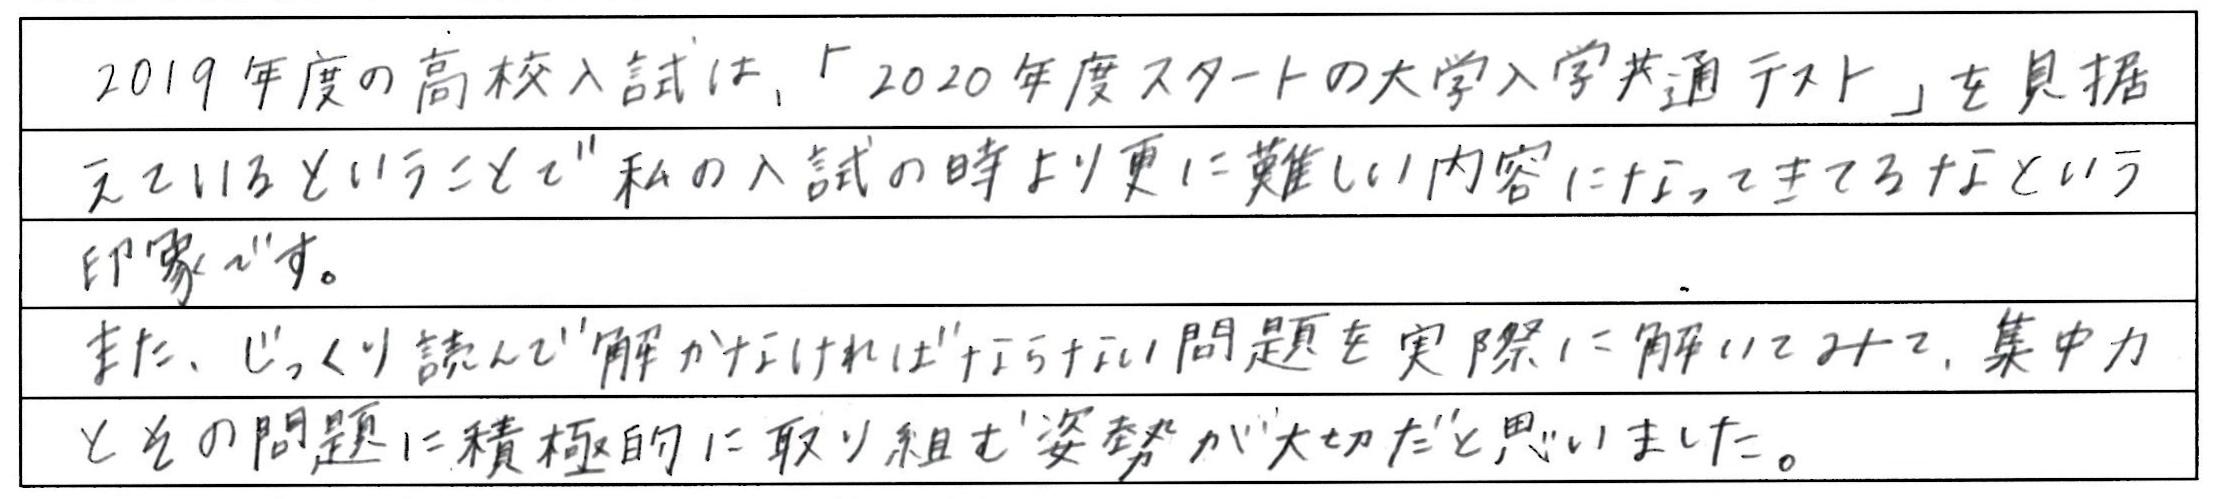 【高校入試ガイダンス】講師アンケート_b0219726_19072674.jpg